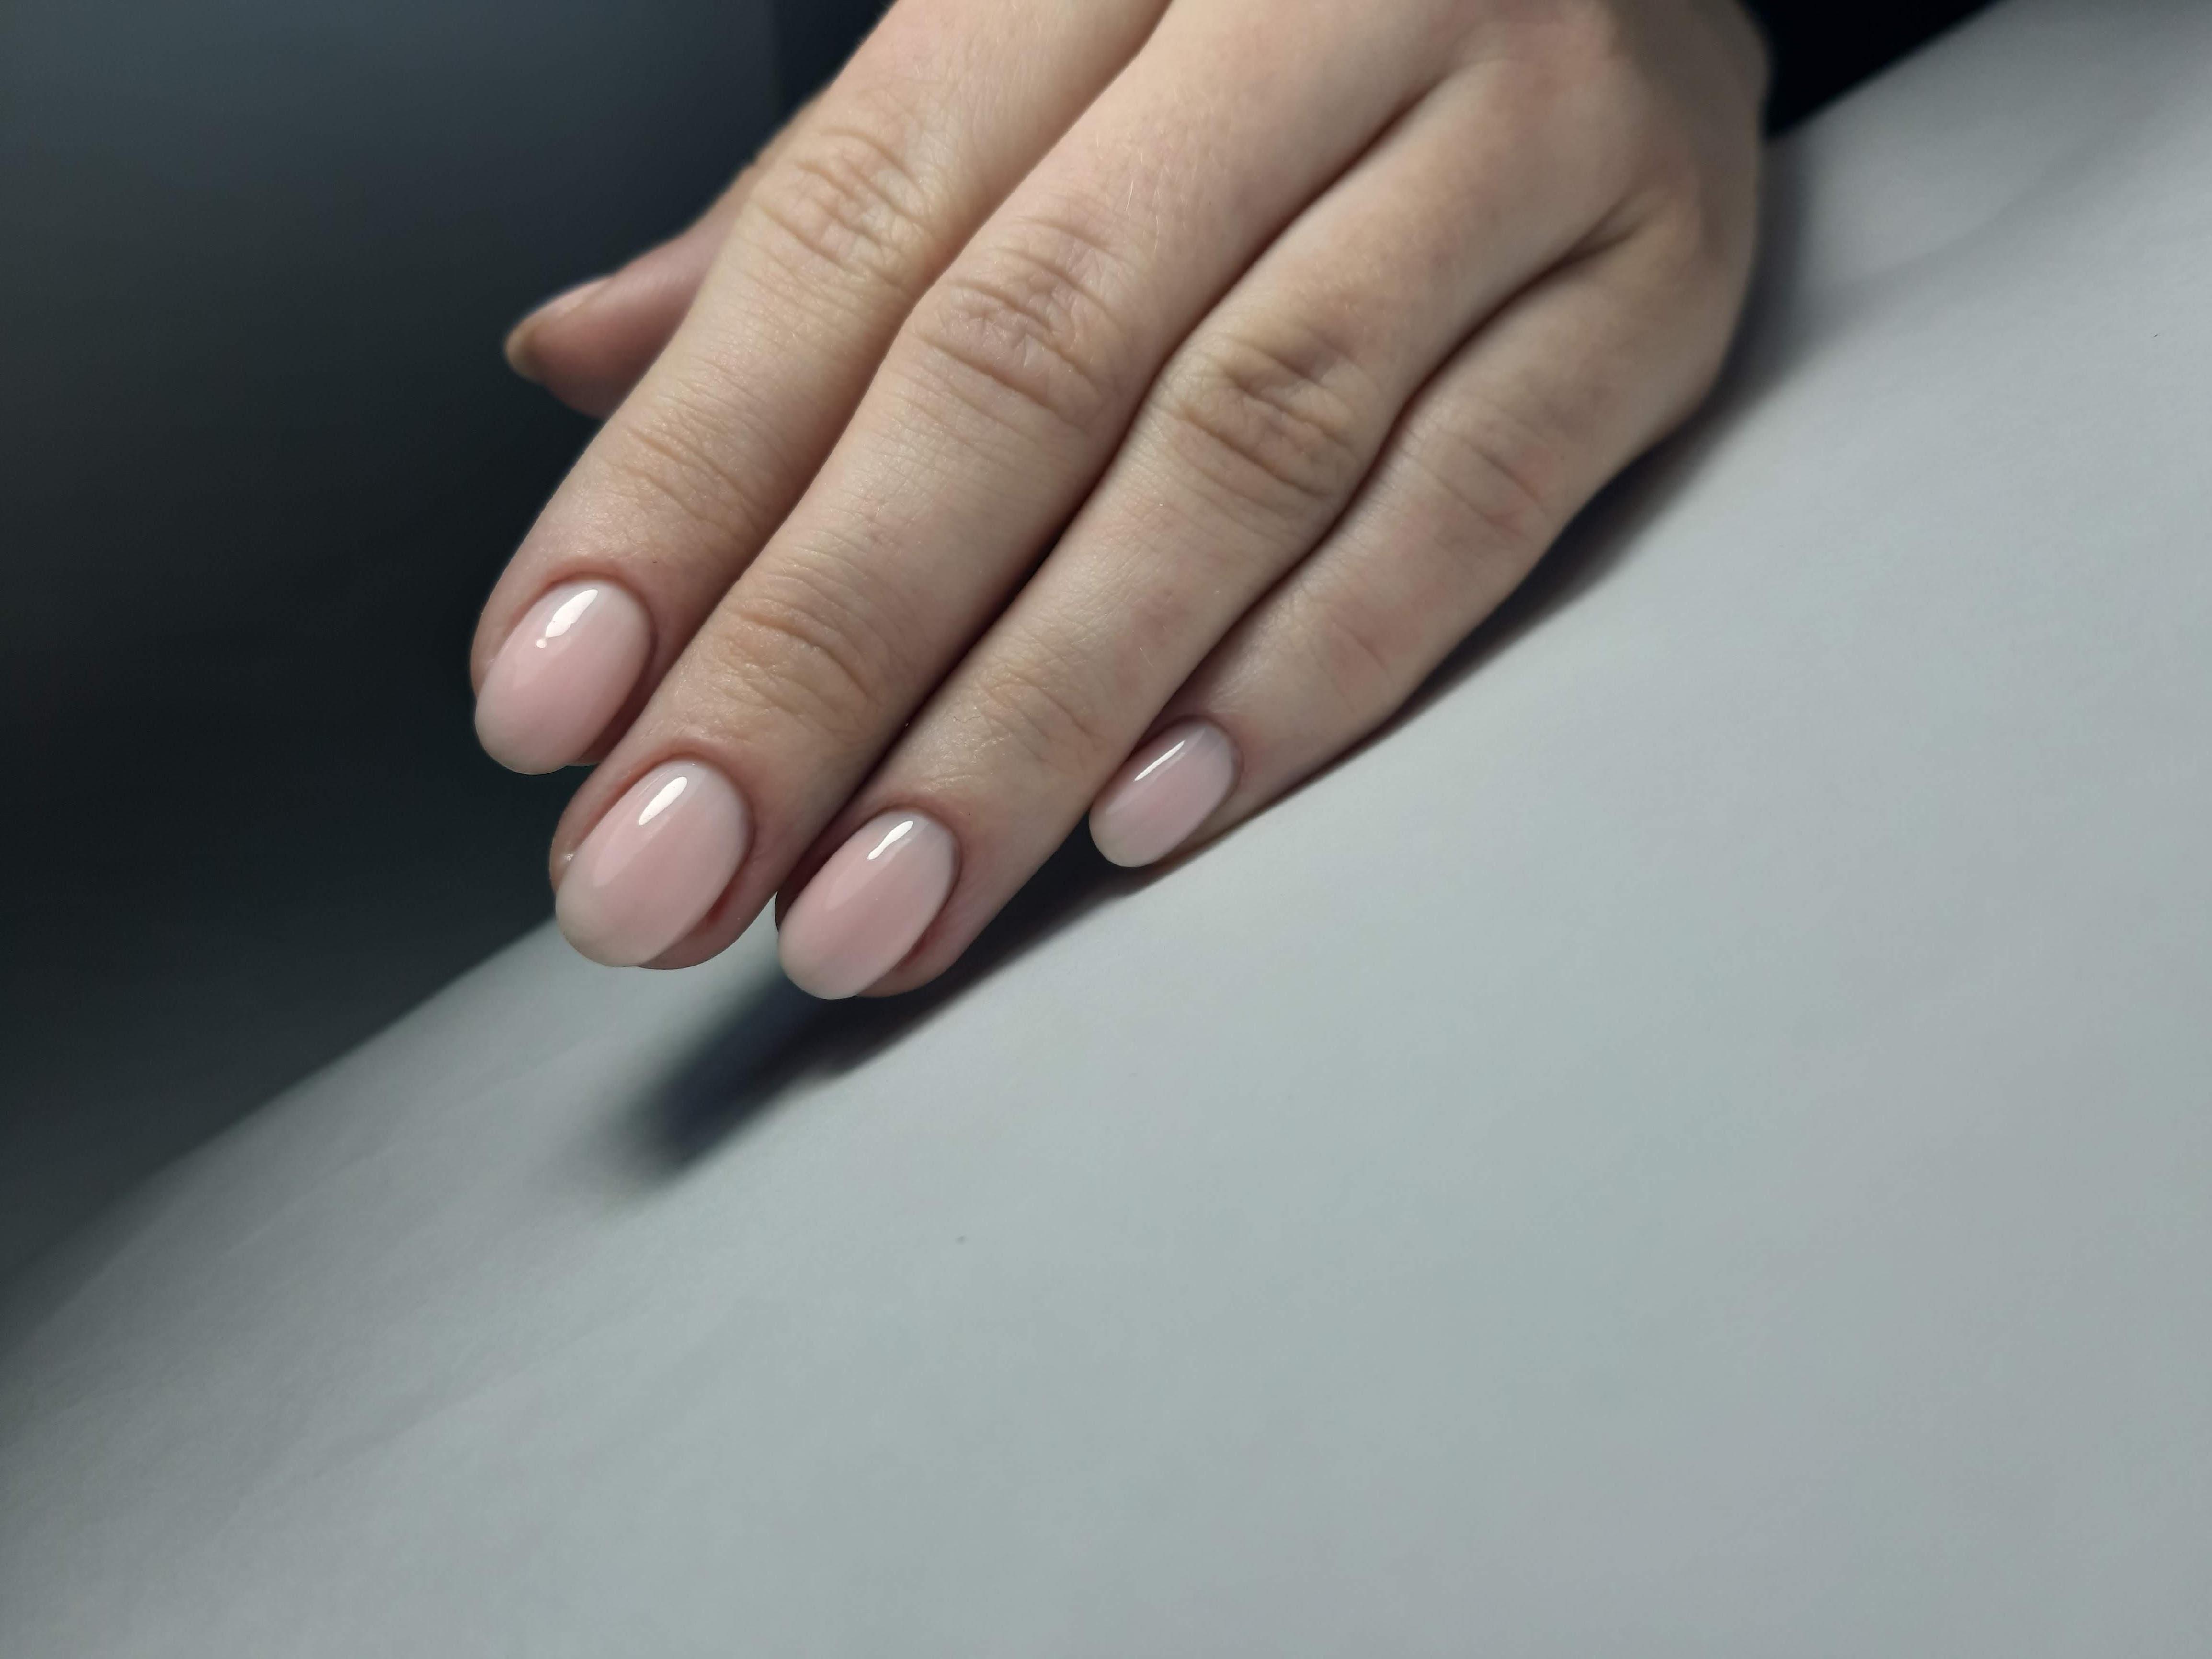 Нюдовый полупрозрачный маникюр на короткие ногти.